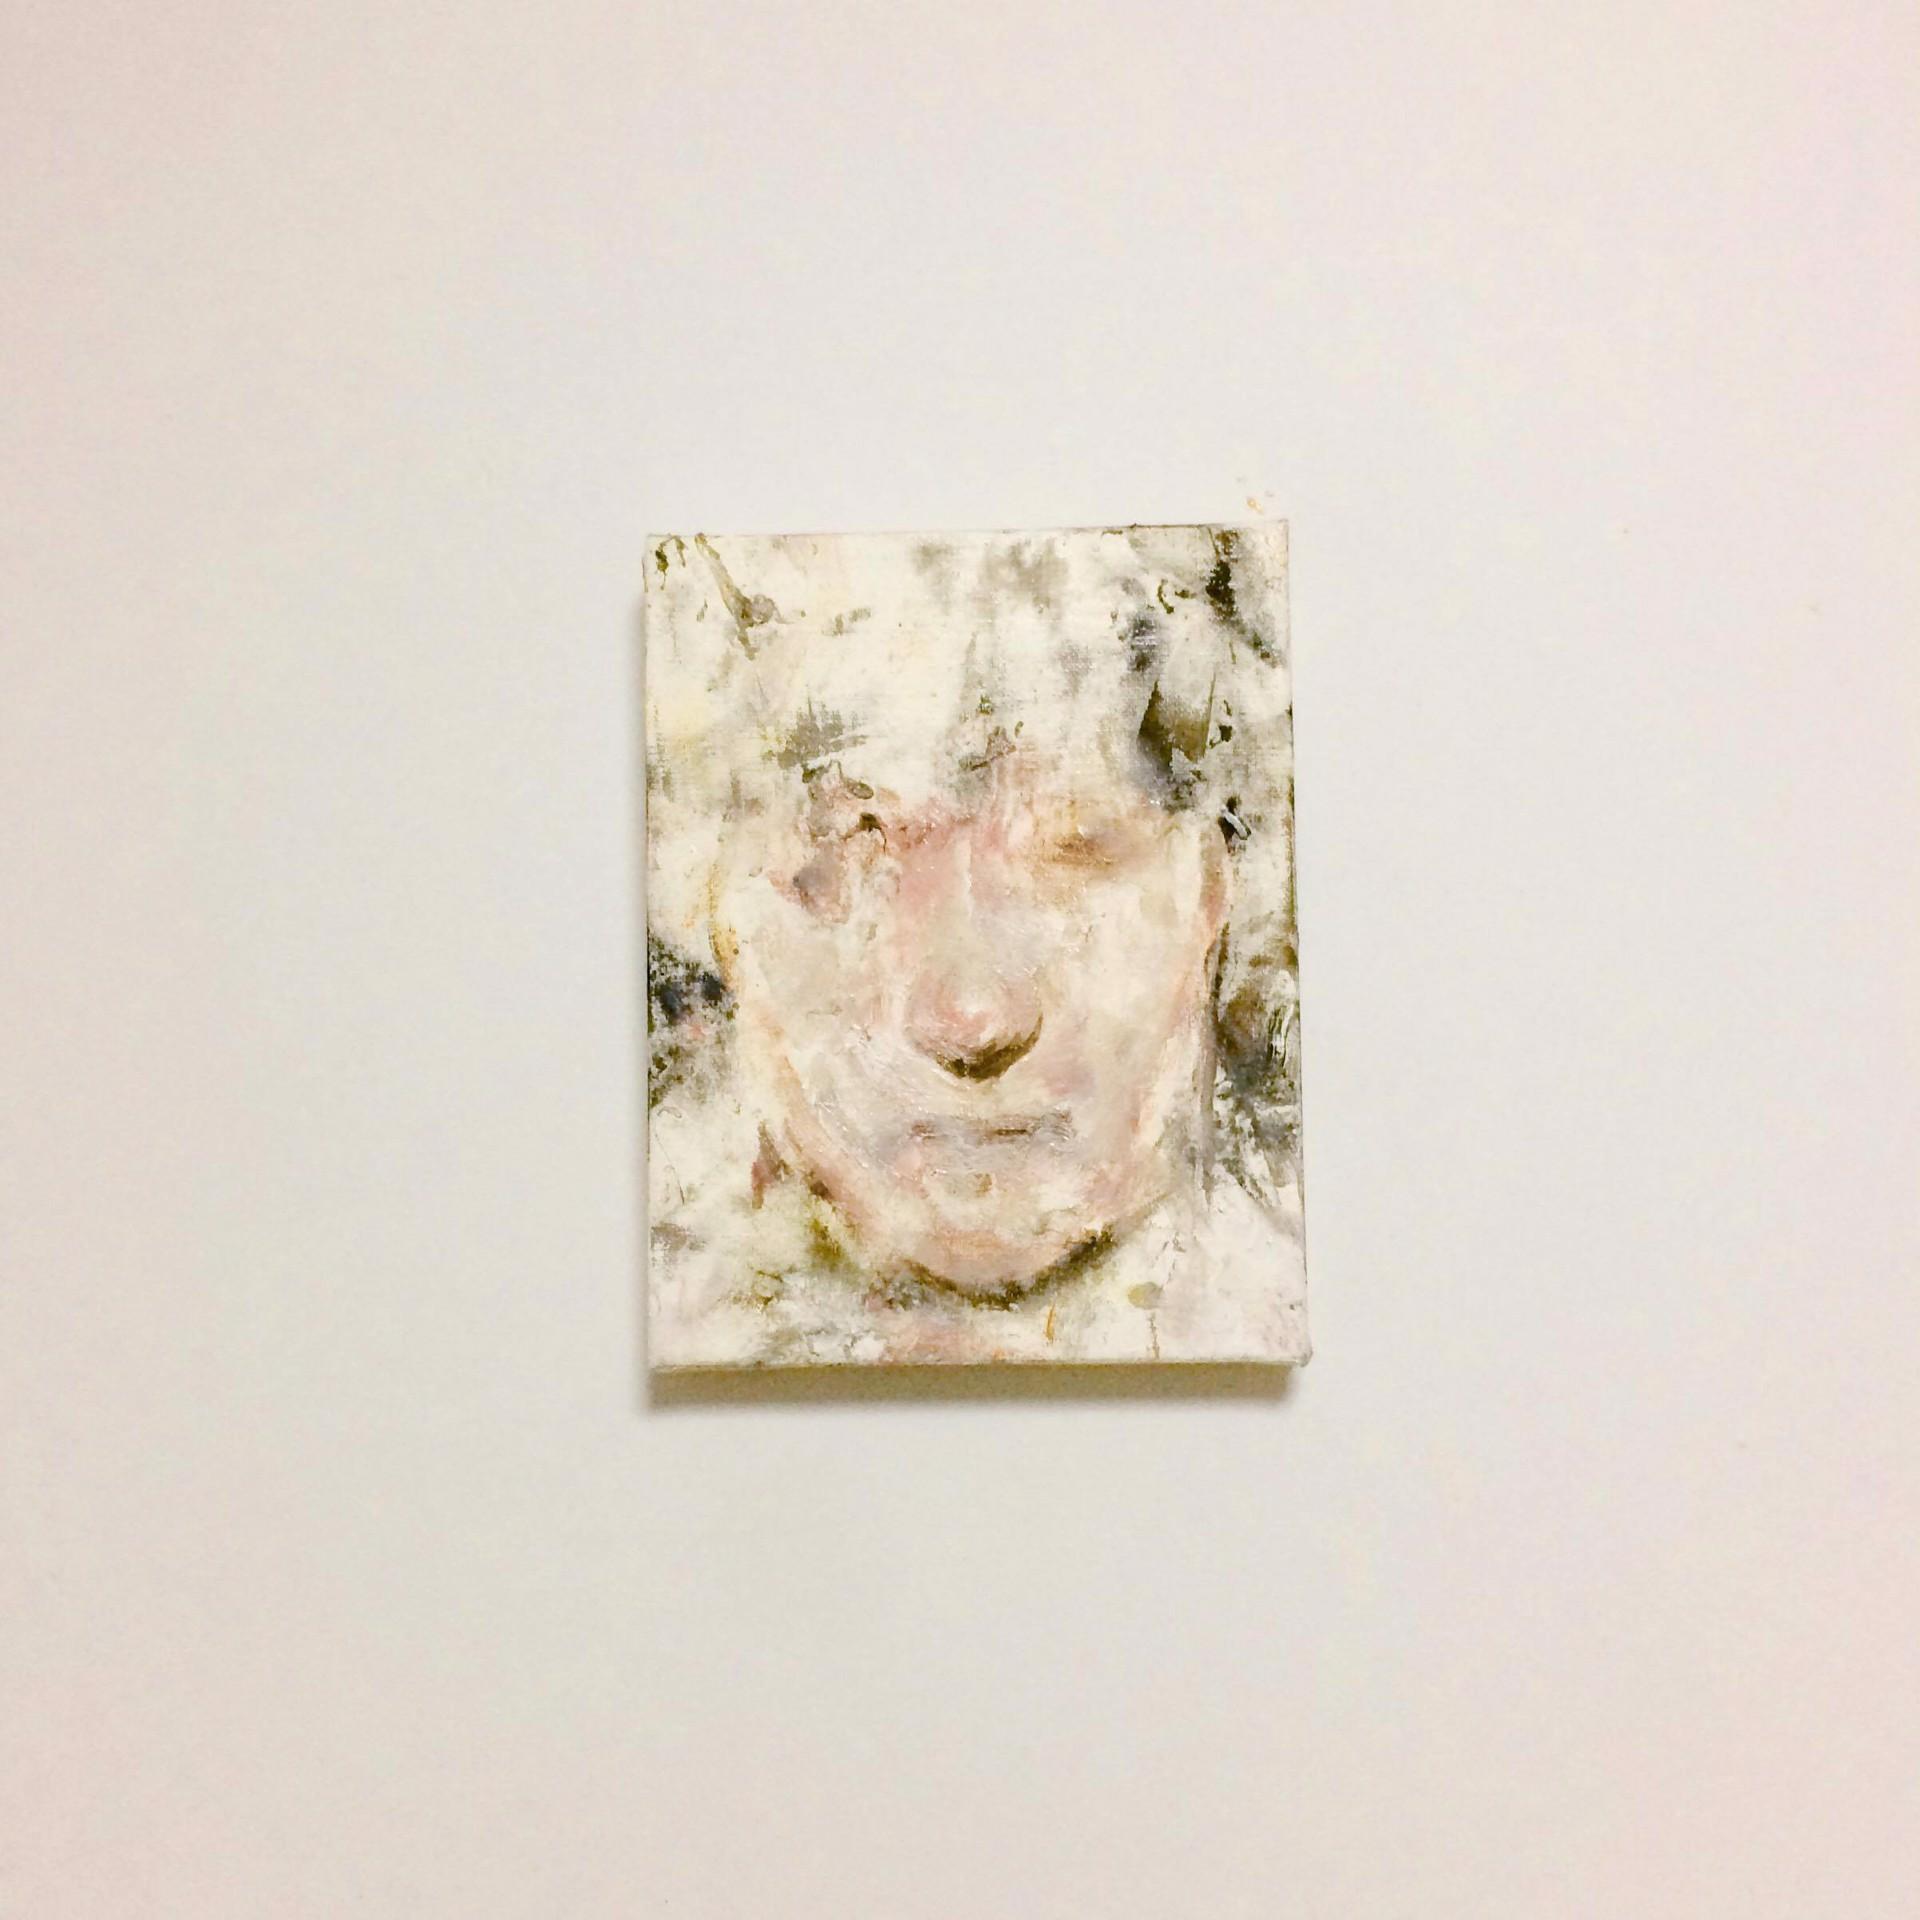 Face II by Yushi Dangami